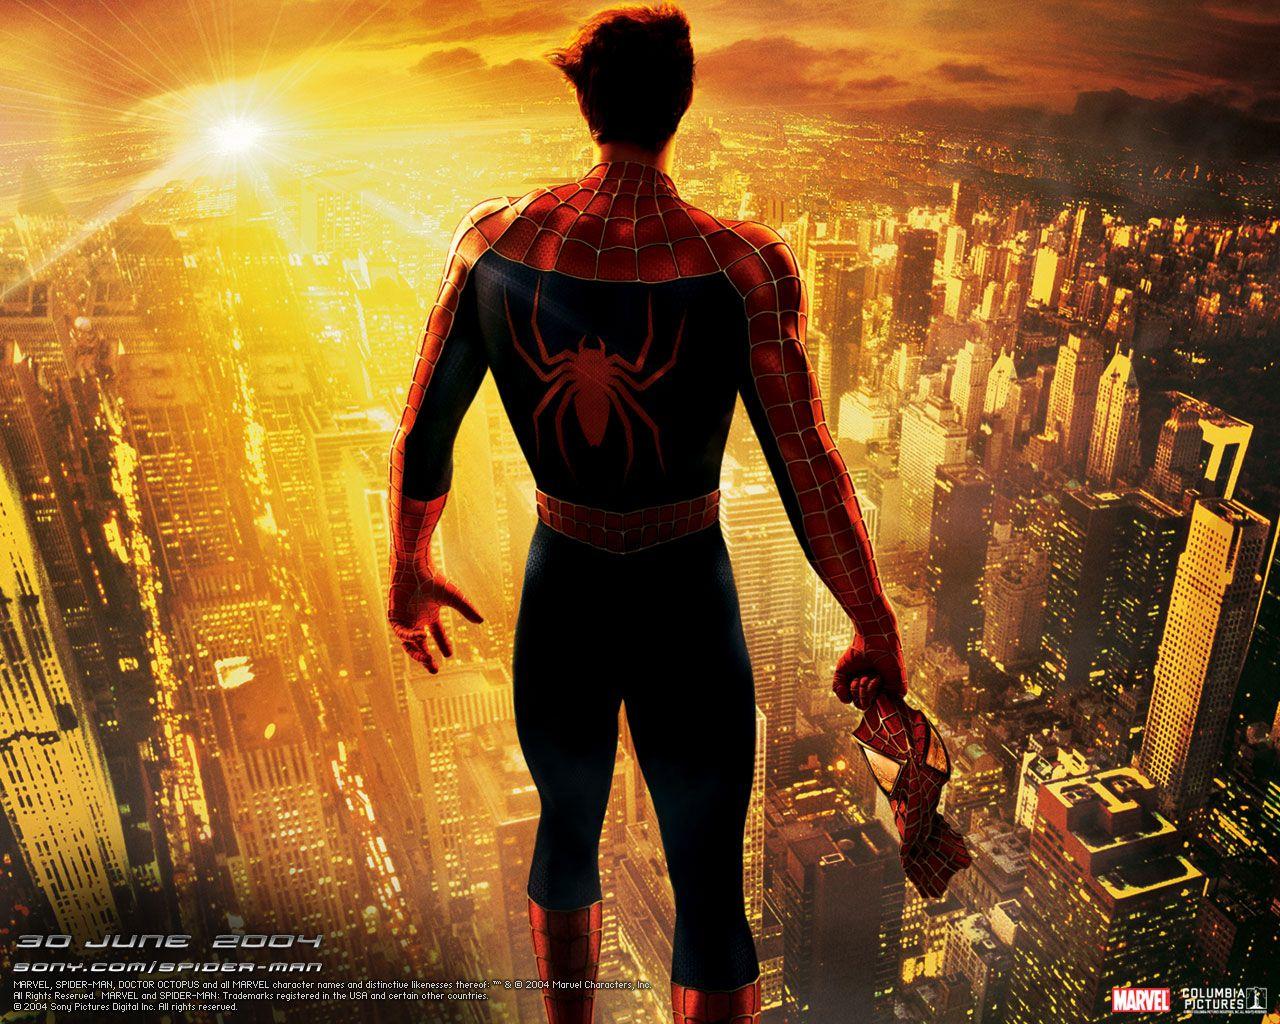 Image Spider-man Spider-Man 2 Spiderman hero film Movies